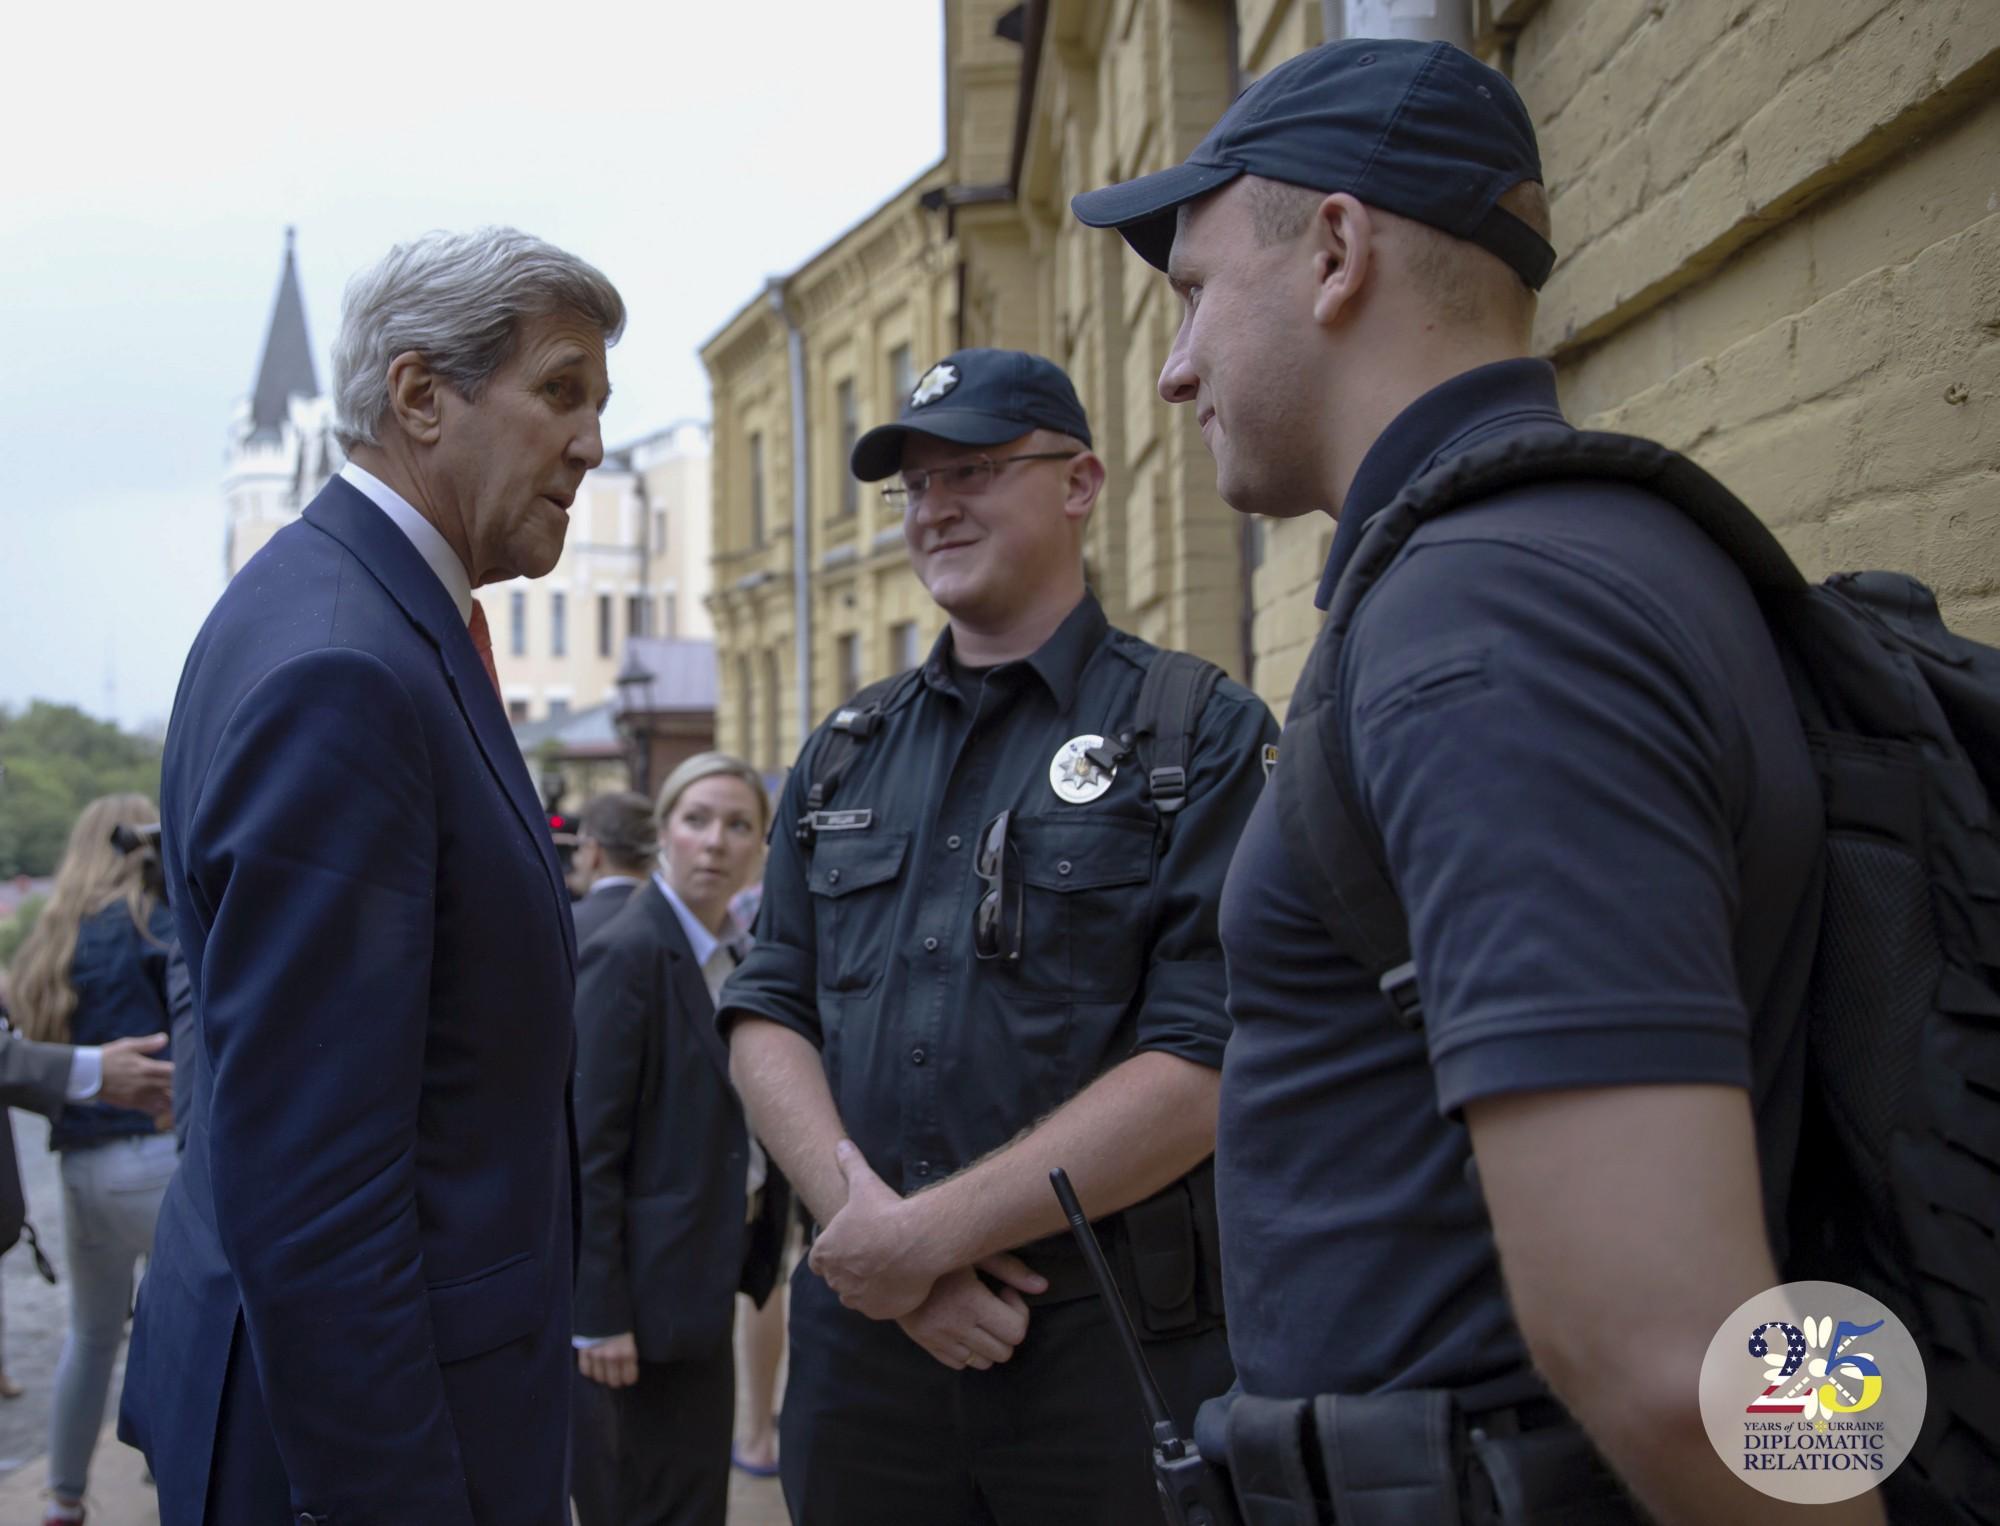 Государственный секретарь США Джон Керри приветствует представителей патрульной полиции Киева, 2016 год.